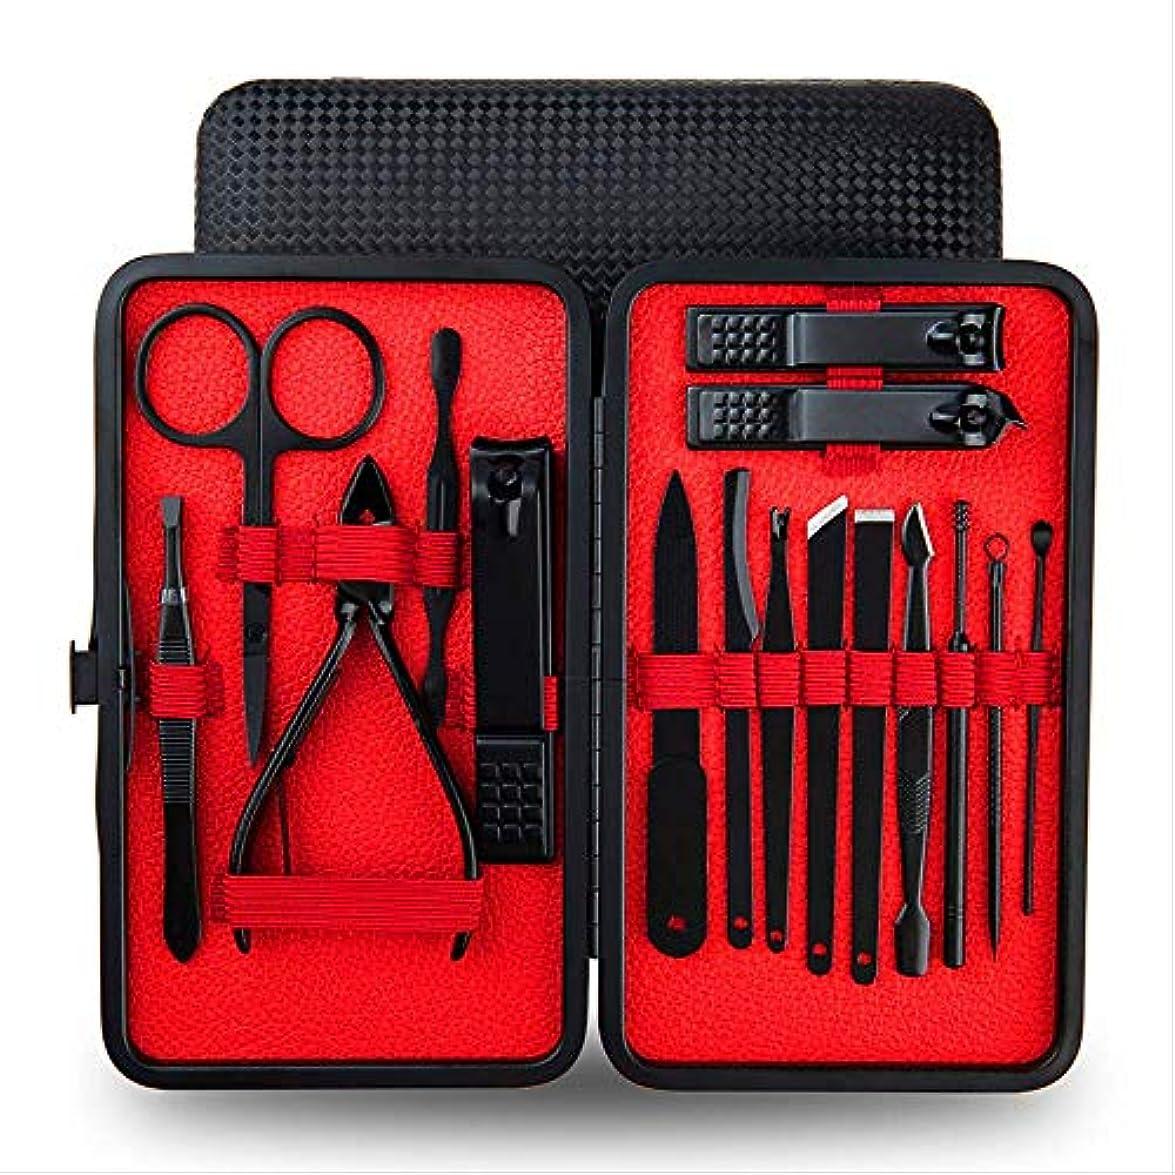 誰めんどり準備ができて爪切りセット16ピースペディキュアナイフ美容プライヤー爪ツール 7129A